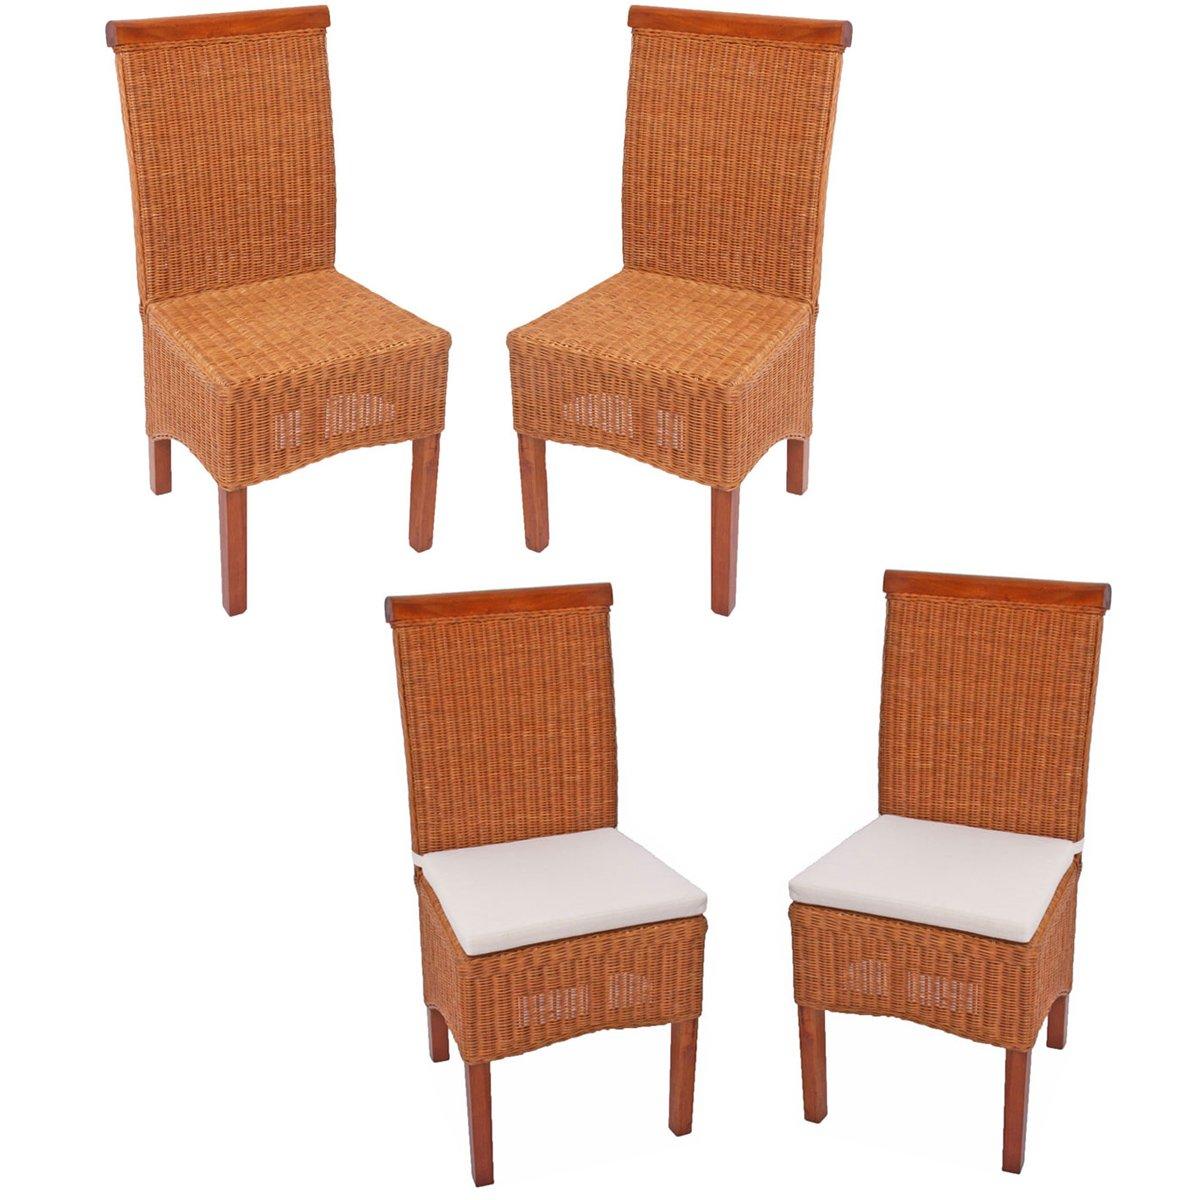 Lote 4 sillas m42 en madera y mimbre color marr n claro cojines incluidos lote 4 sillas de - Cojines sillas comedor ...